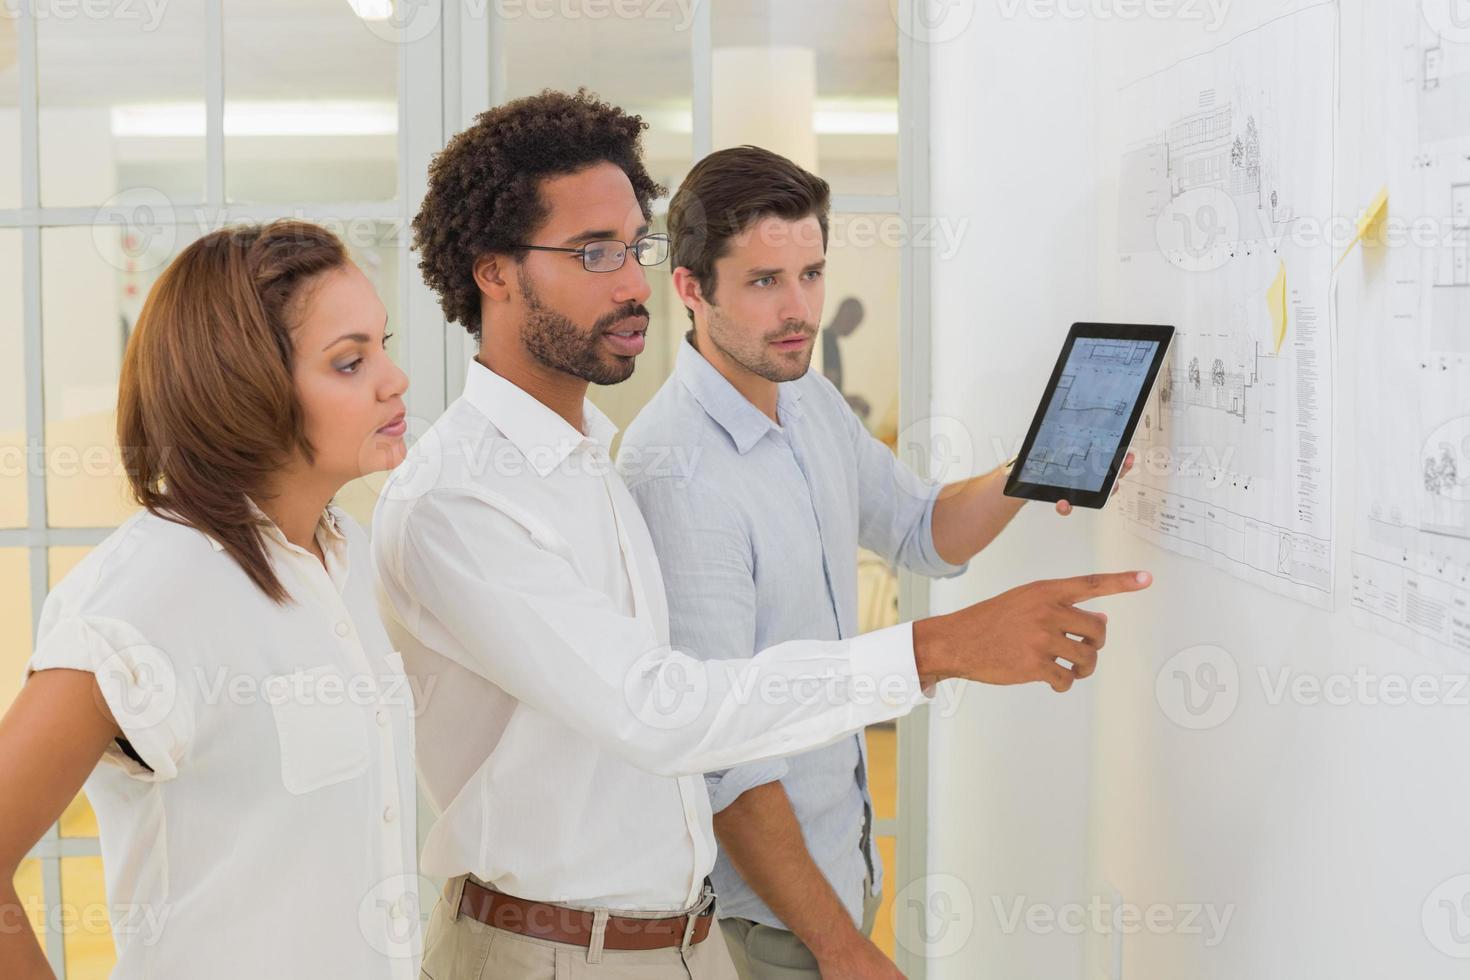 pessoas de negócios usando tablet digital em reunião no gabinete foto